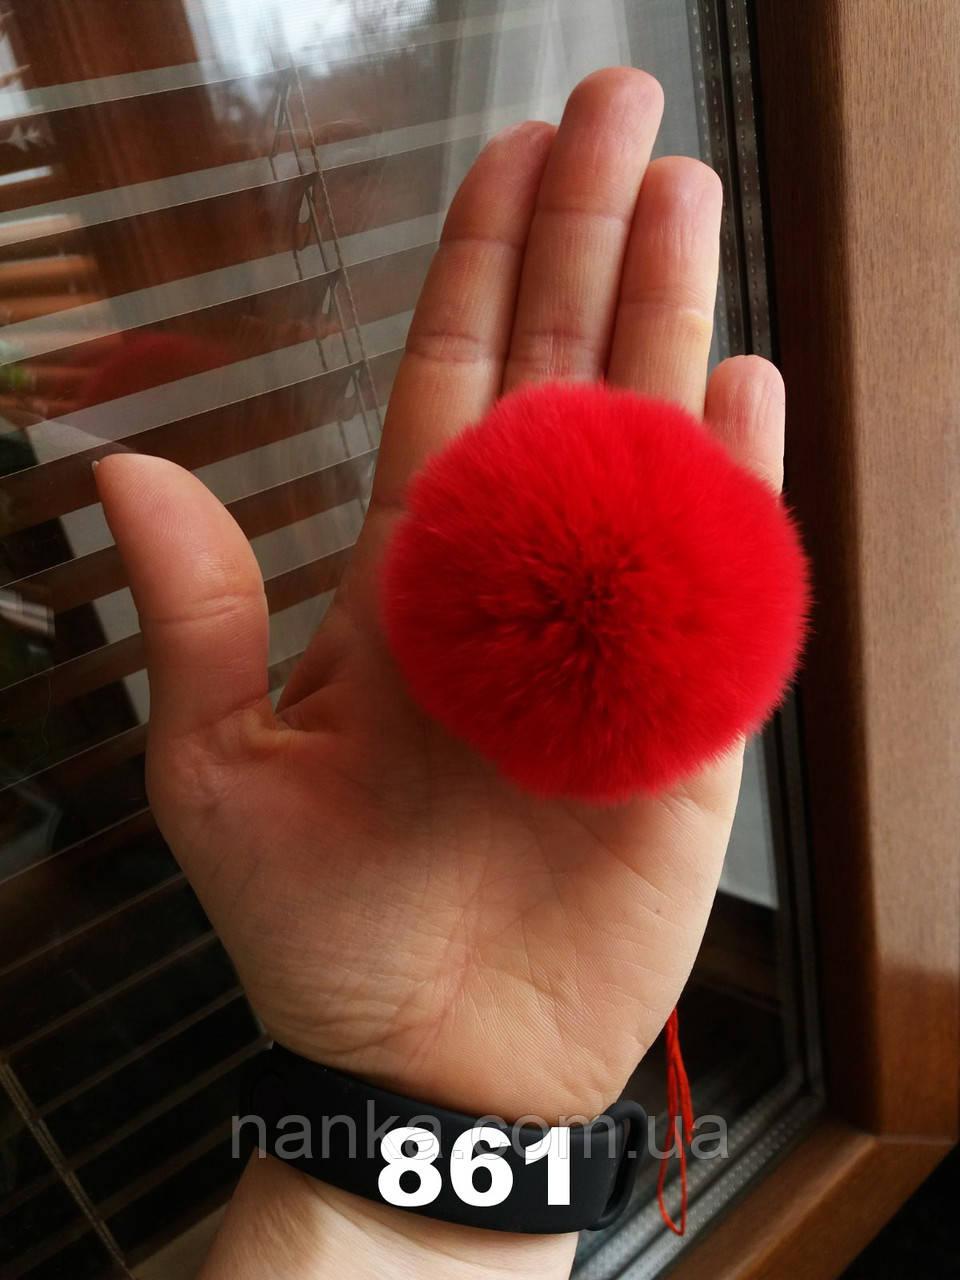 Меховой помпон Кролик РЕКС, Красный, 6 см, 861